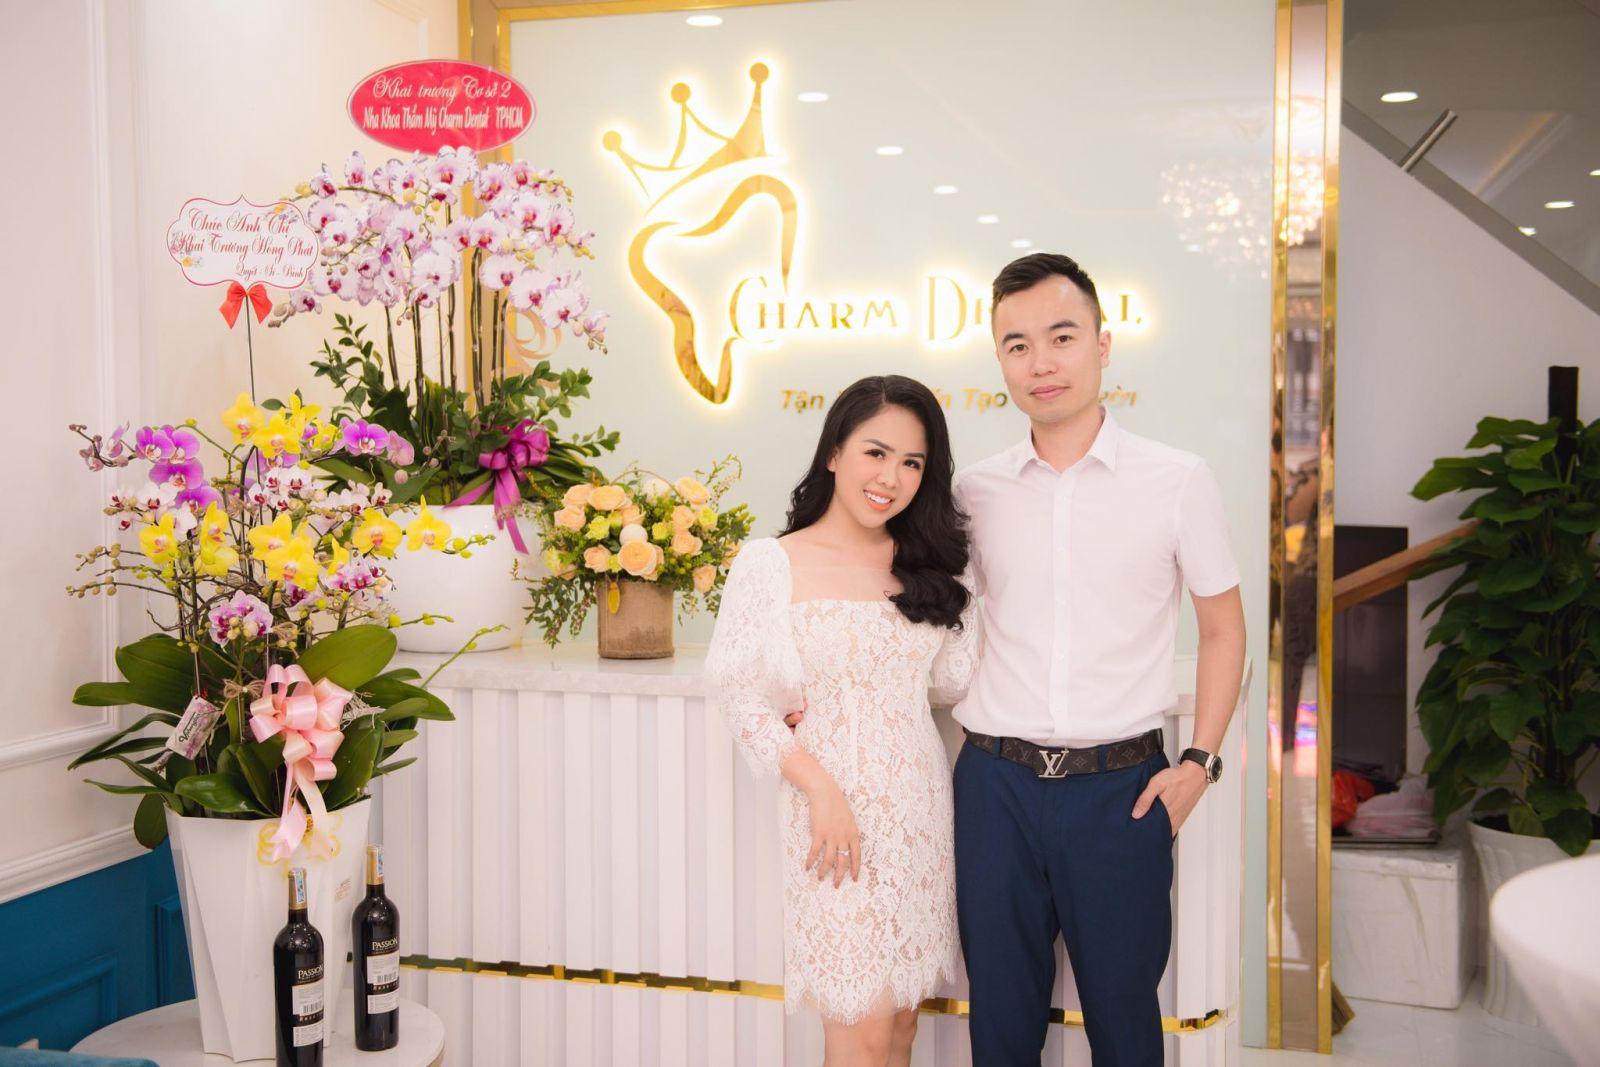 Nha khoa Charm Dental và sứ mệnh 'Kiến tạo Nụ cười Việt'